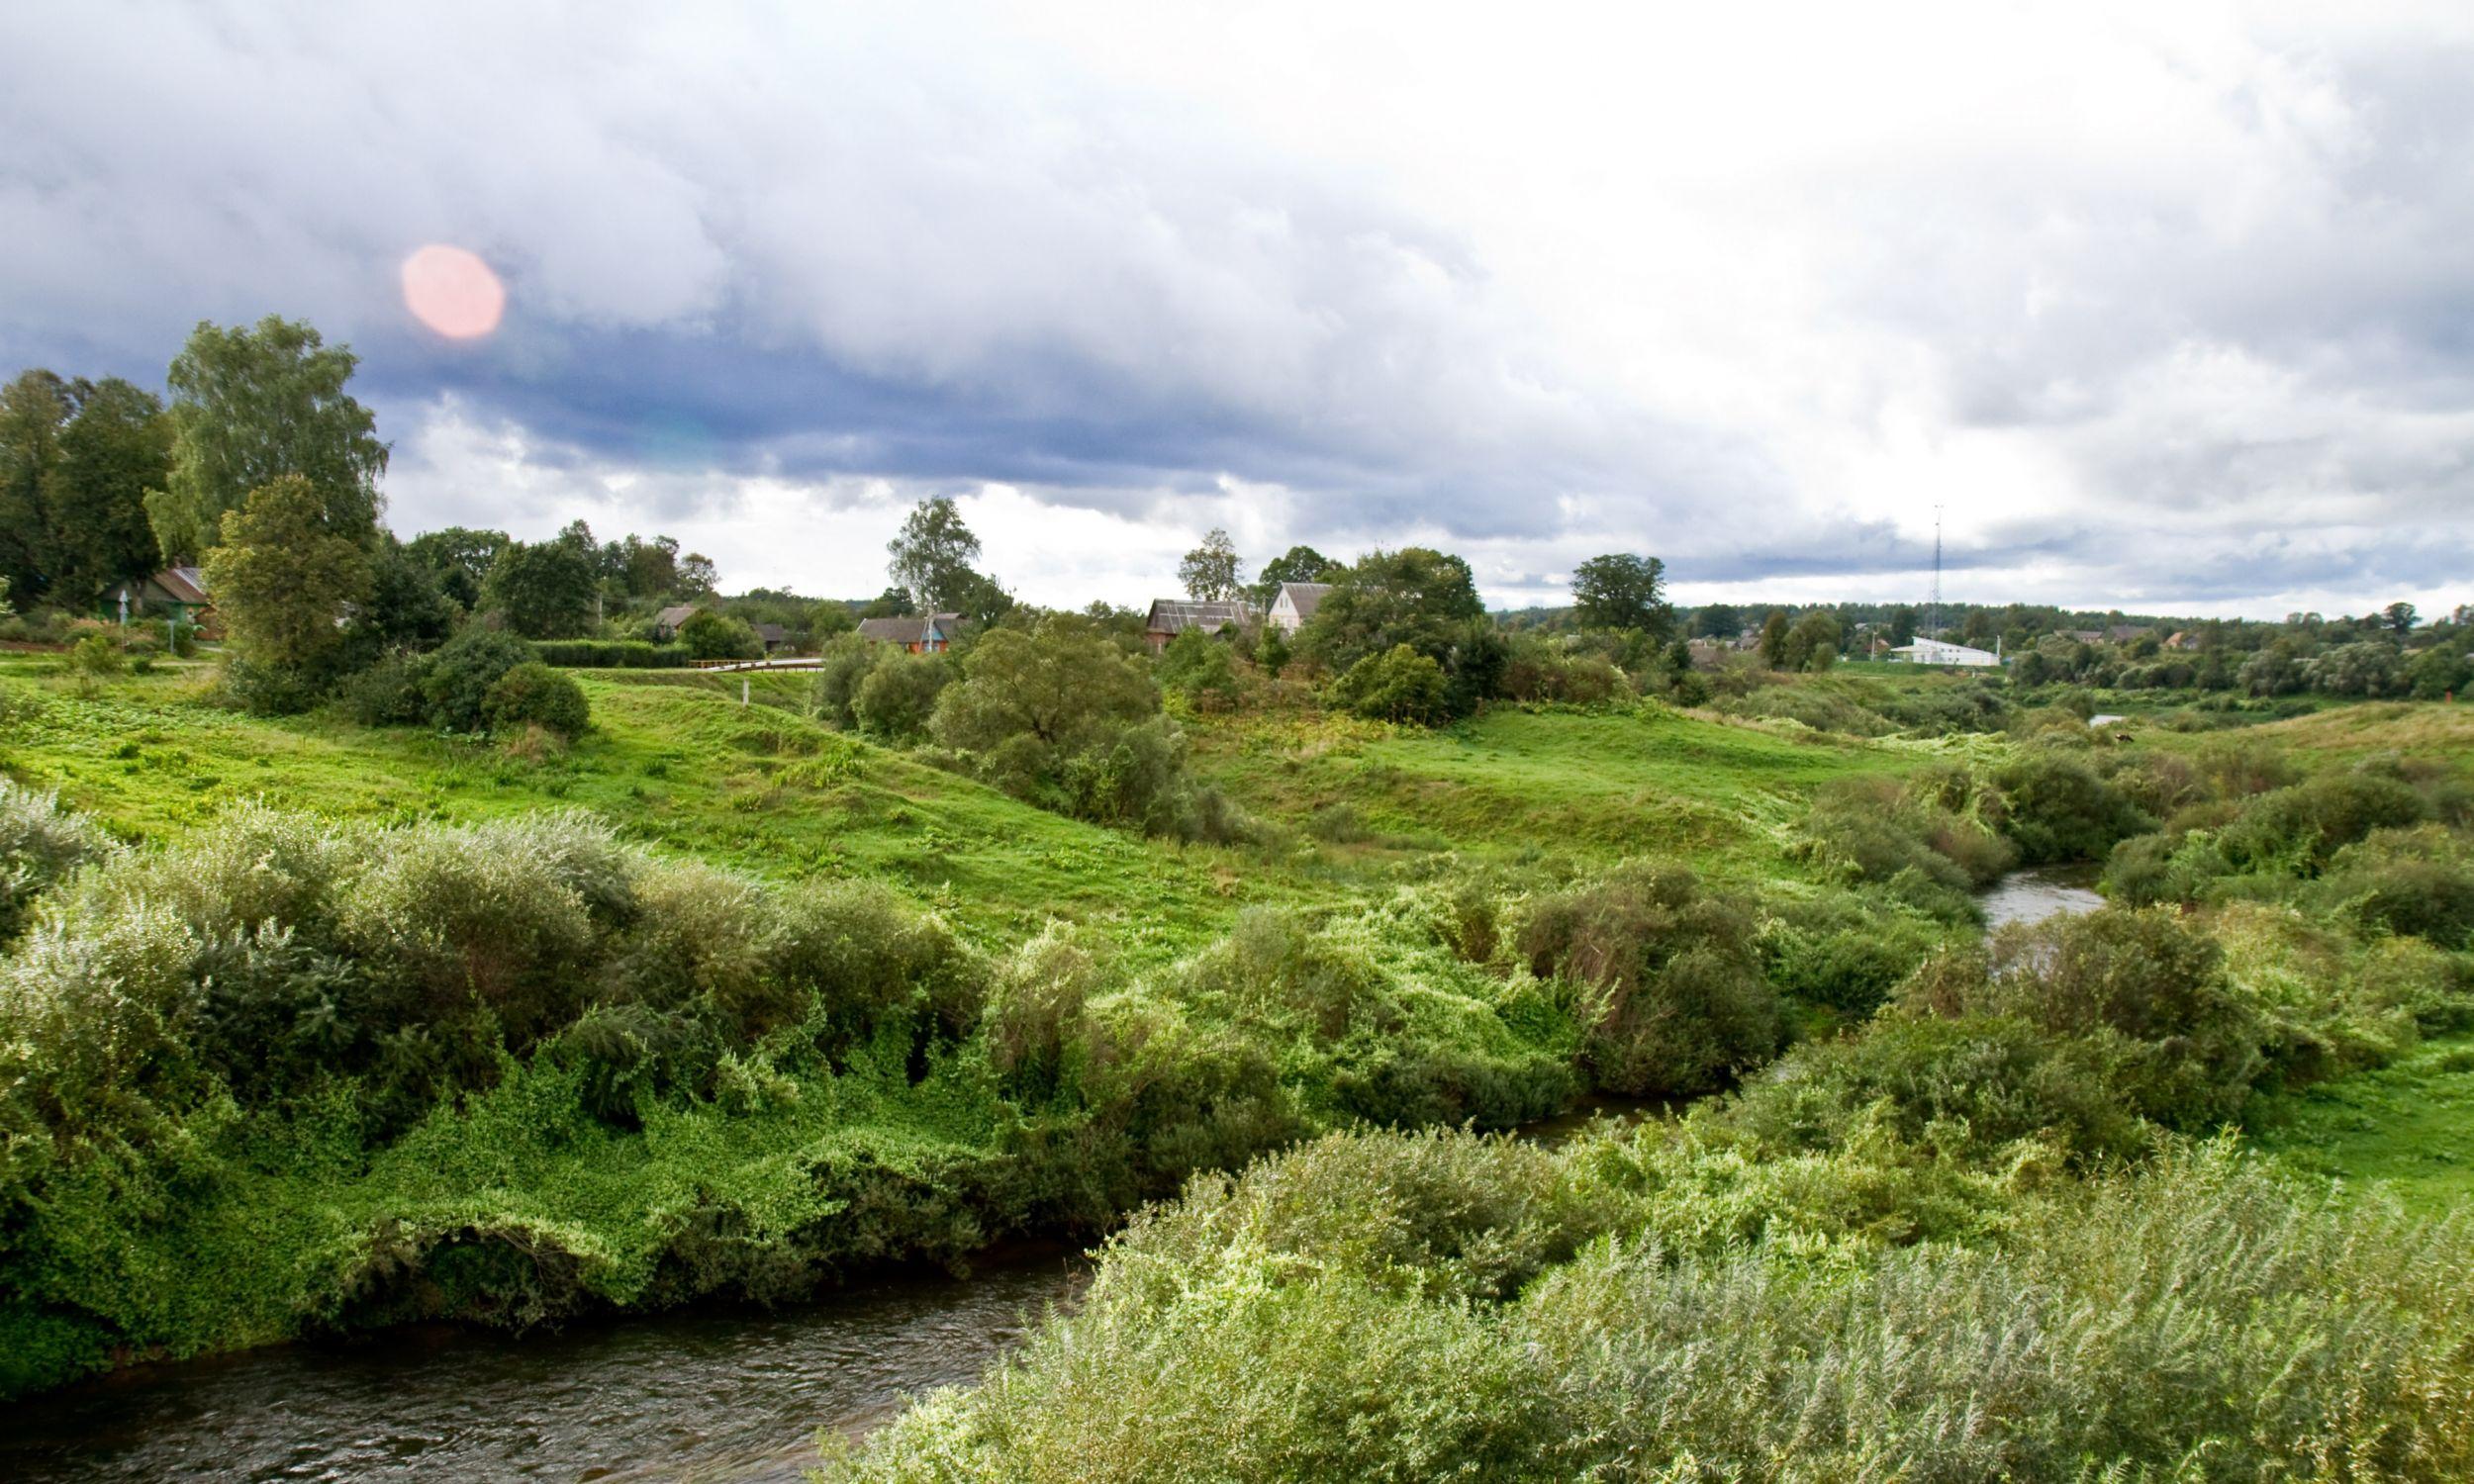 Rzeka Drujka w Drui. 2010 r. Fot. Wikimedia/zedlik